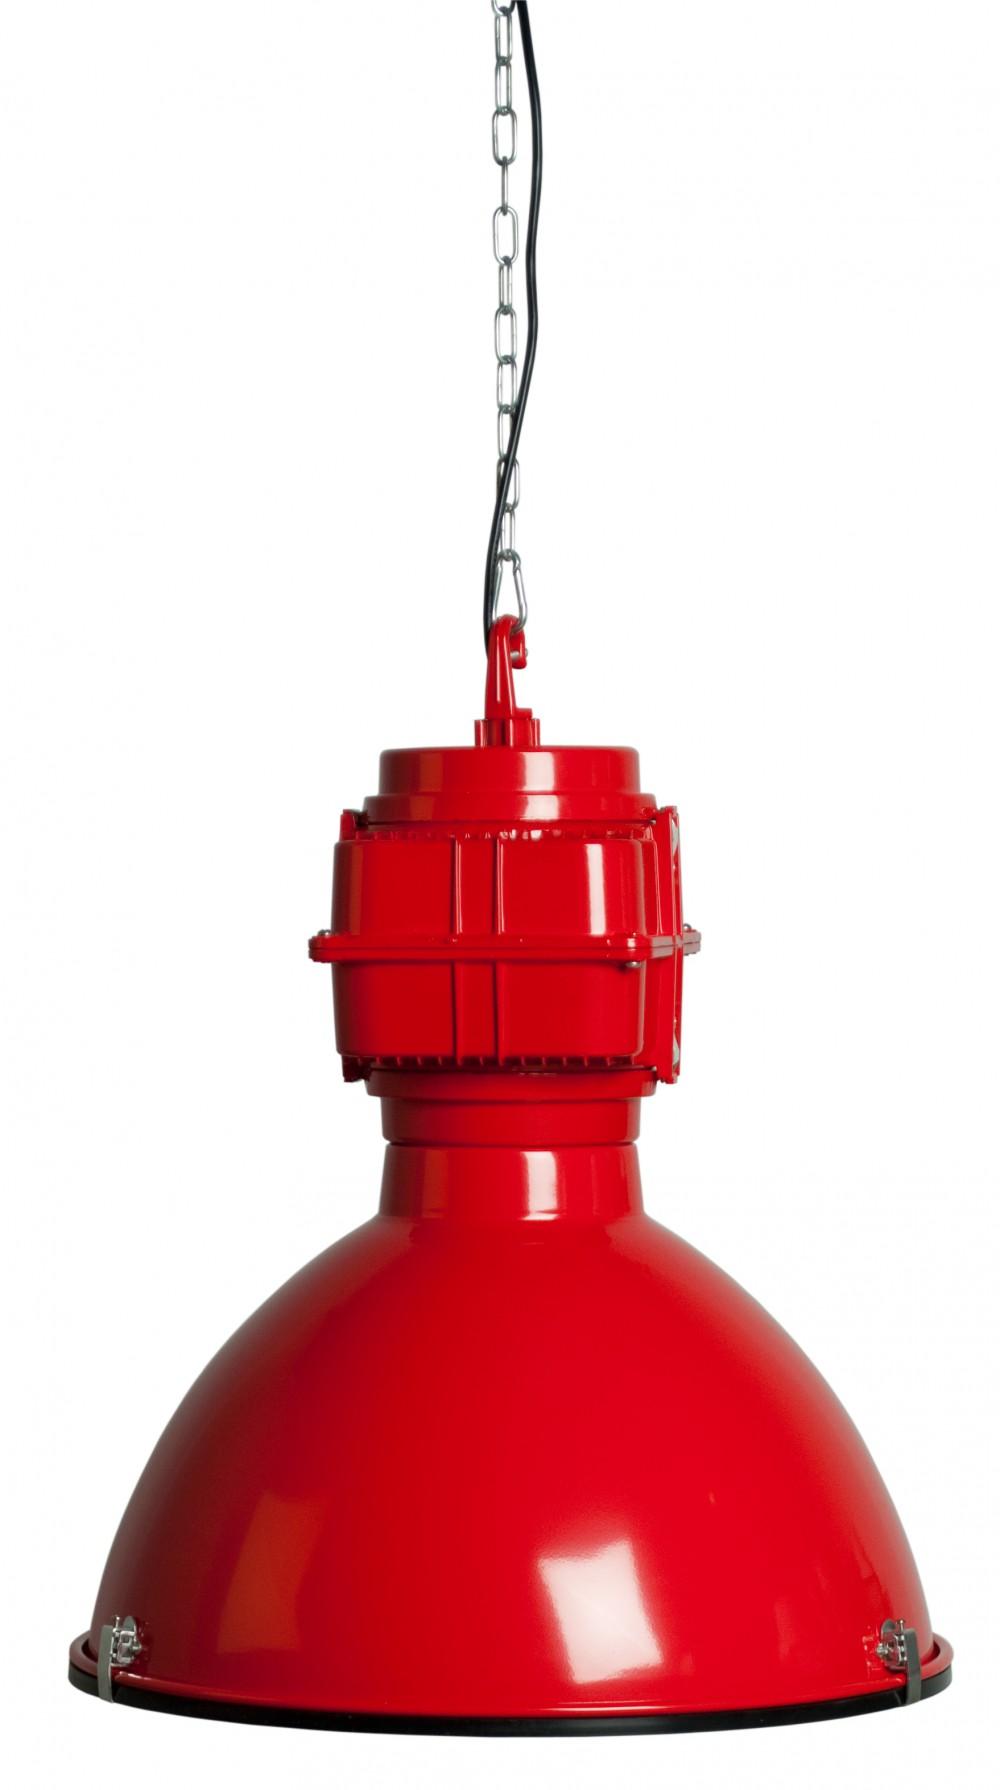 Wunderbar Lampe Industriedesign Das Beste Von